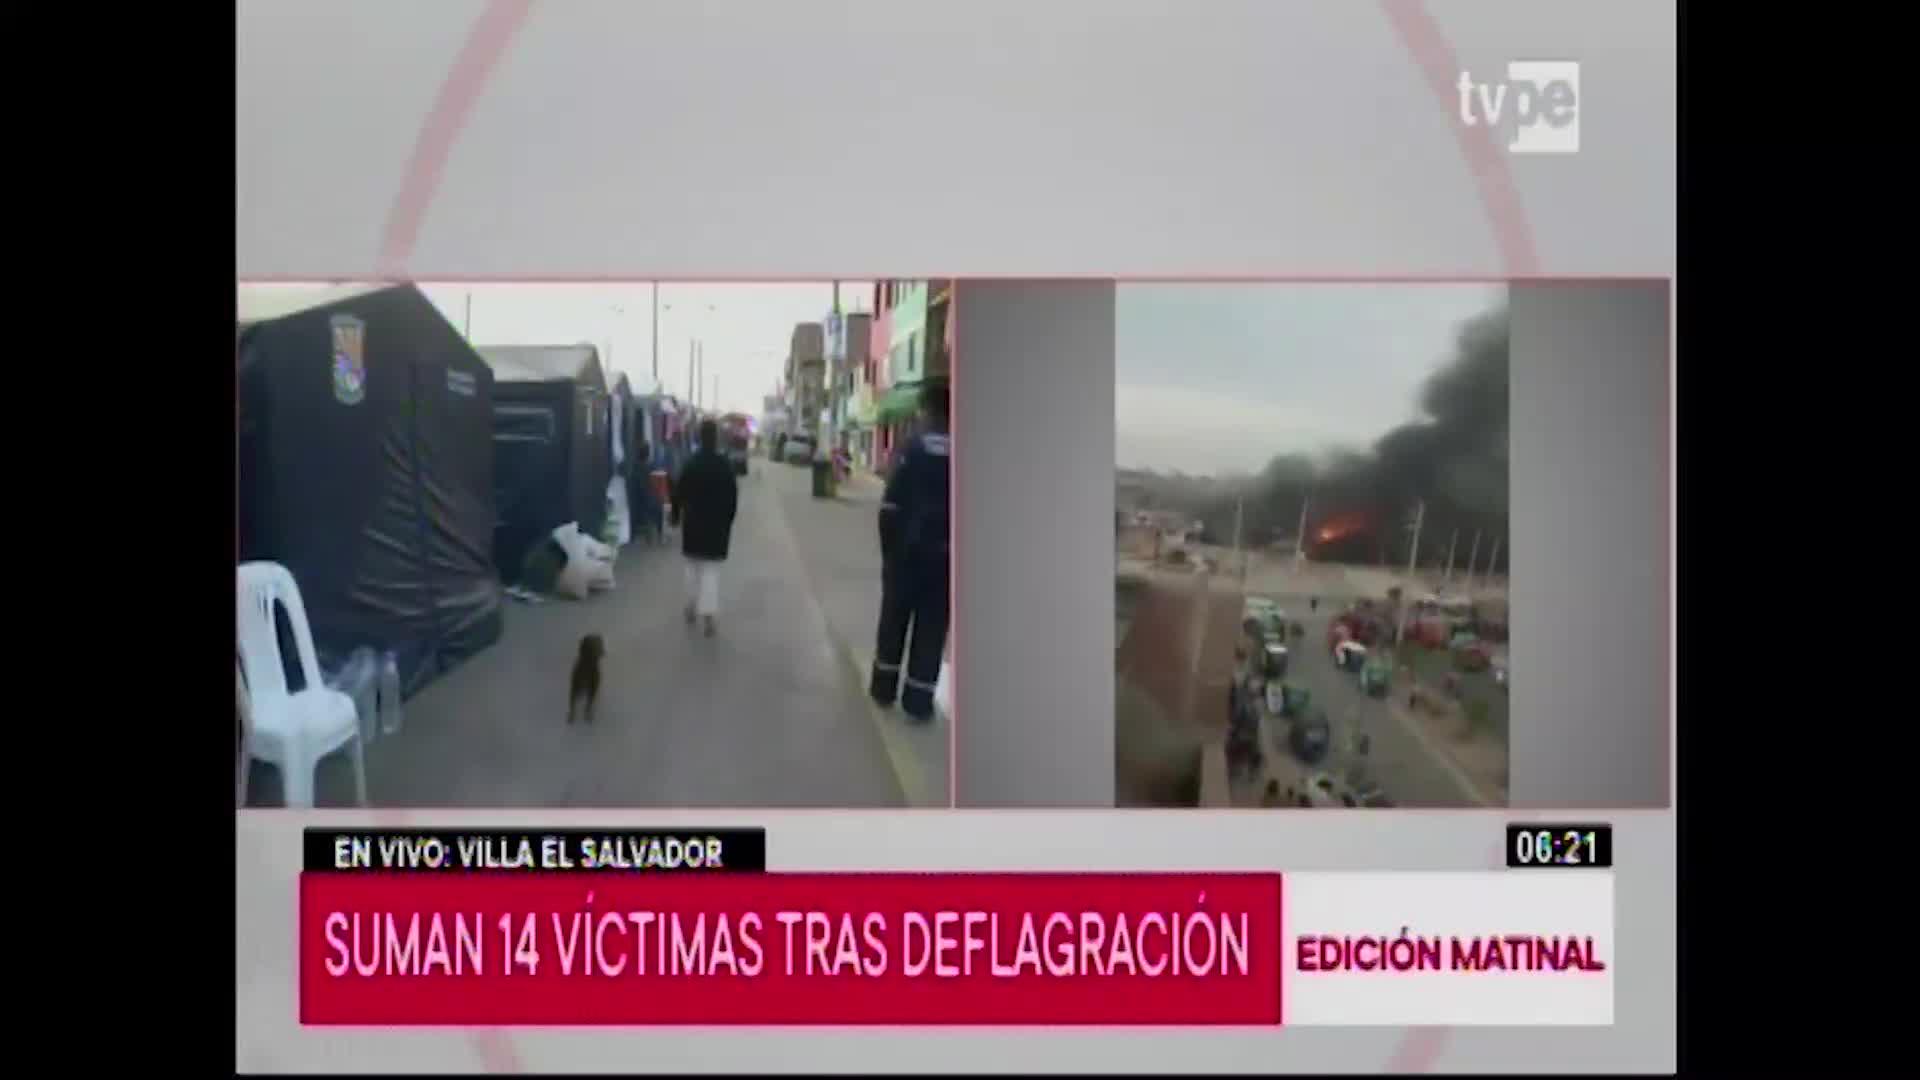 Tragedia en VES: aumentó a catorce la cifra de personas fallecidas tras la explosión